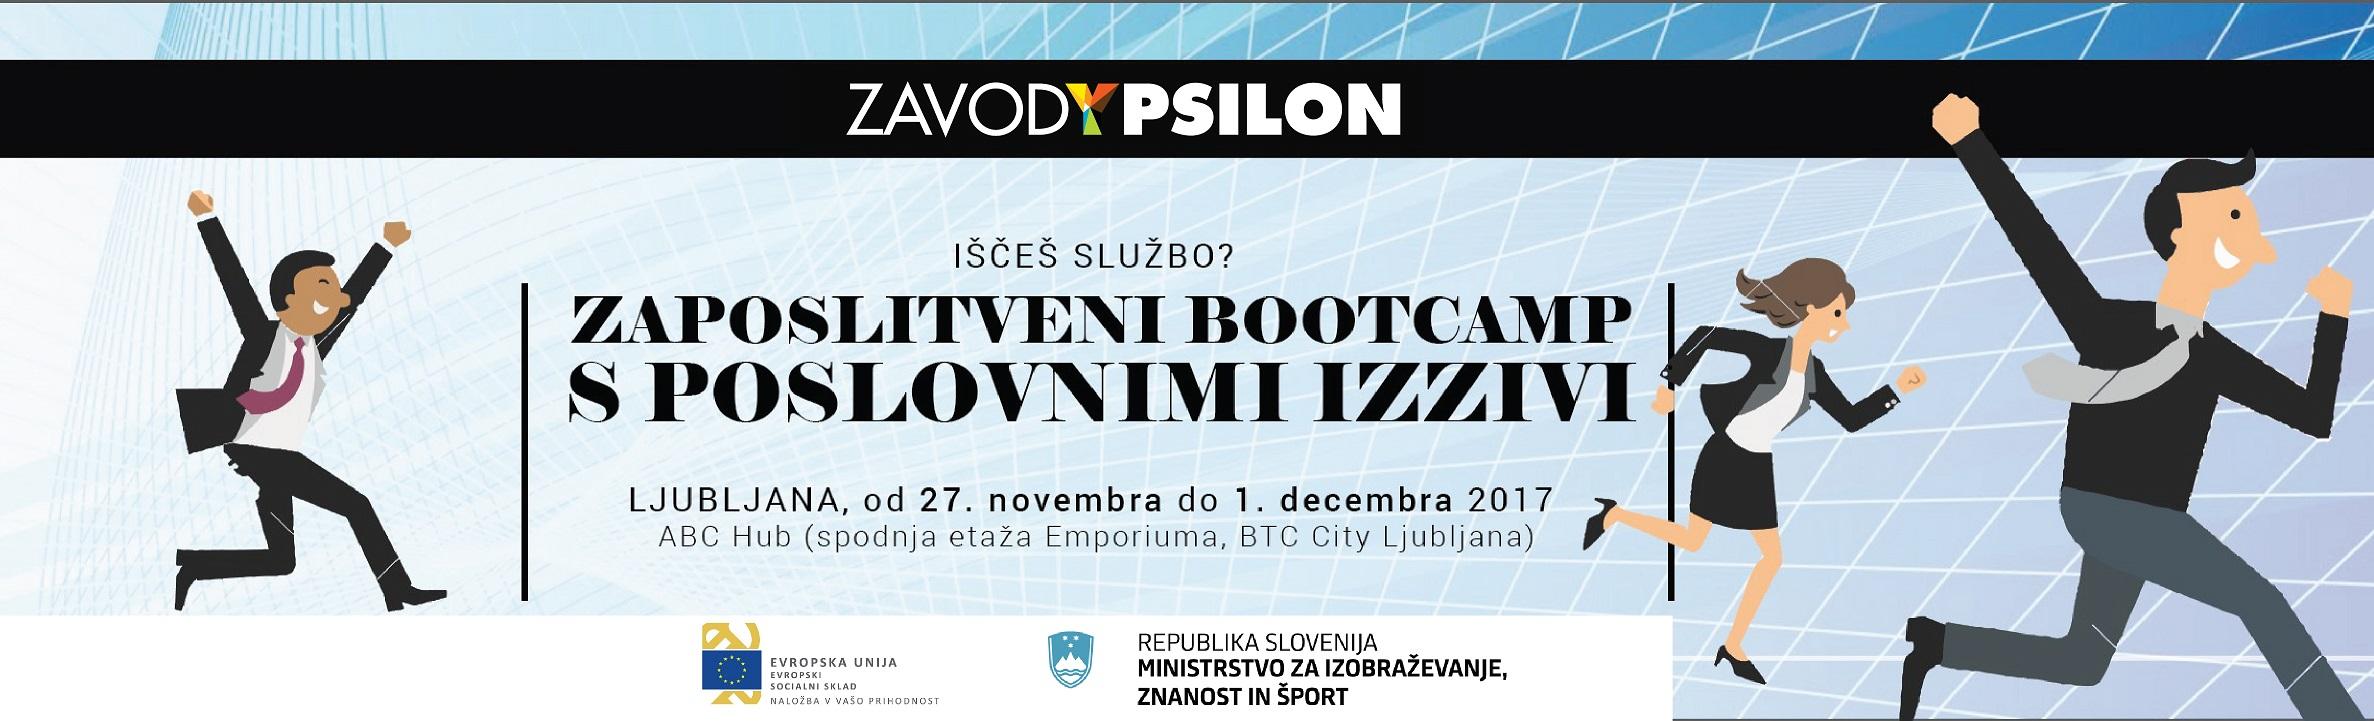 zaposlitenibootcamp Ljubljana Maribor Celje MWY 2017